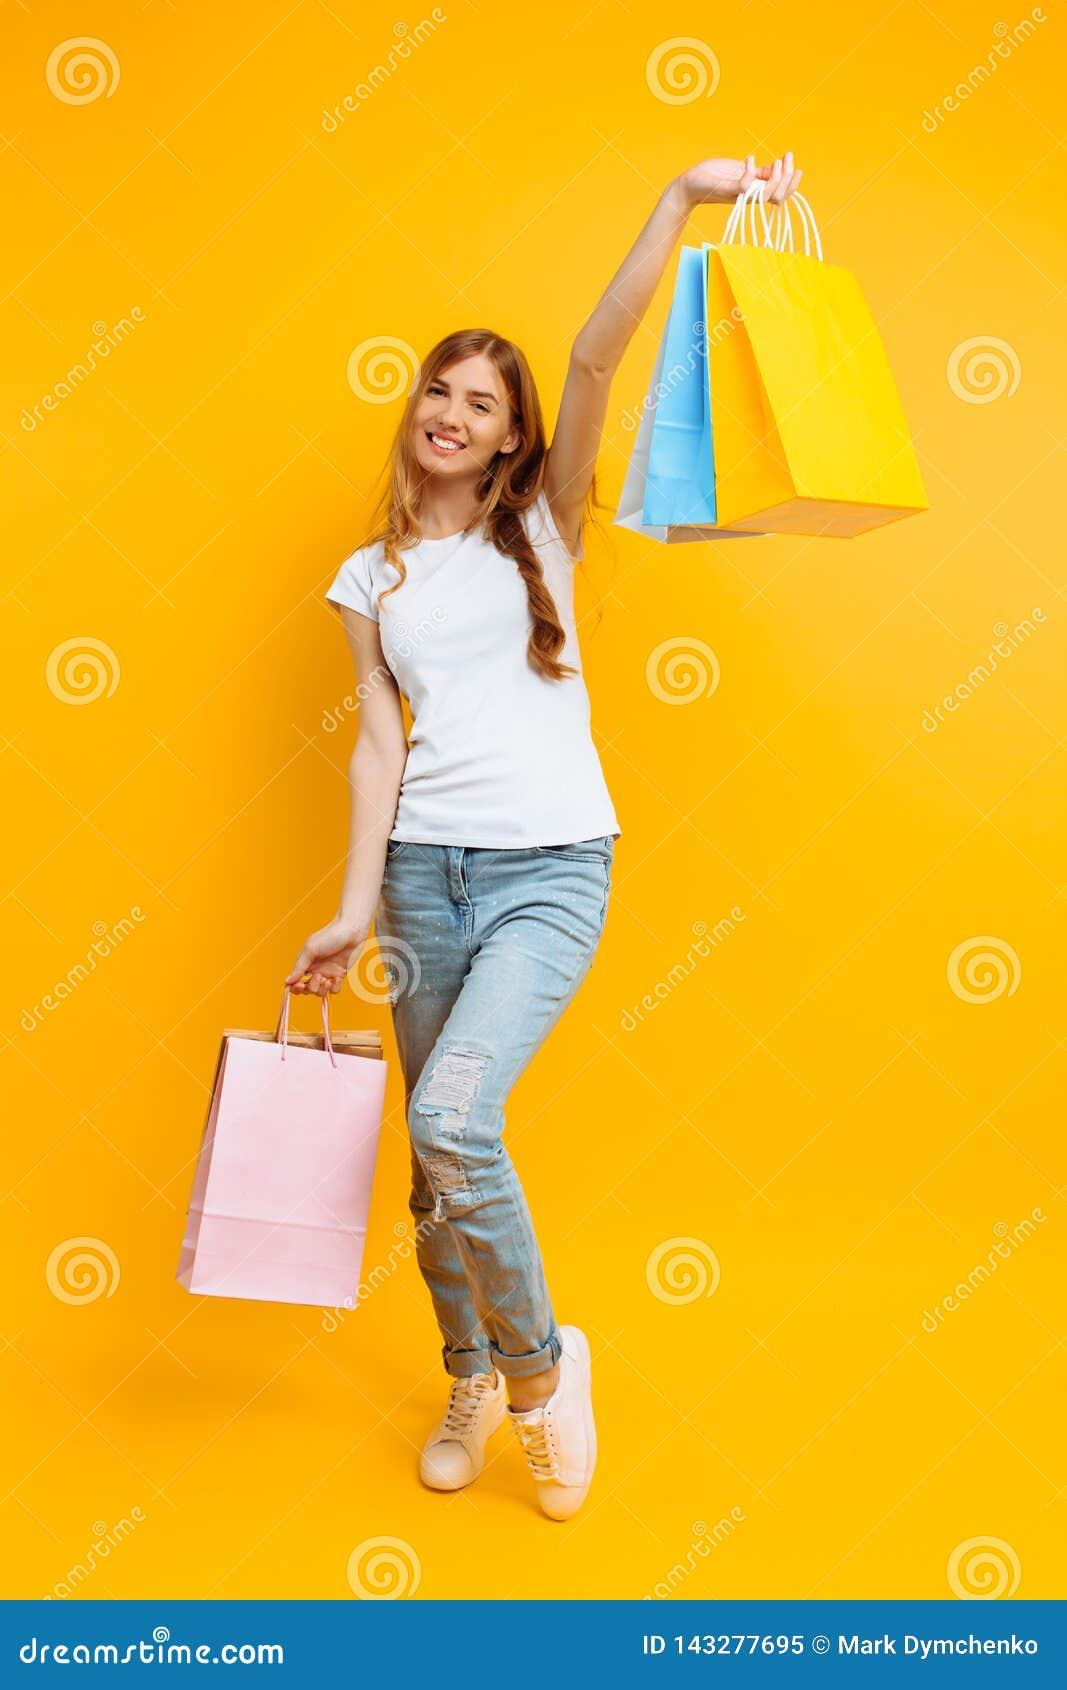 Het portret van gemiddelde lengte van een jonge mooie vrouw, met multi-colored zakken, op een gele achtergrond